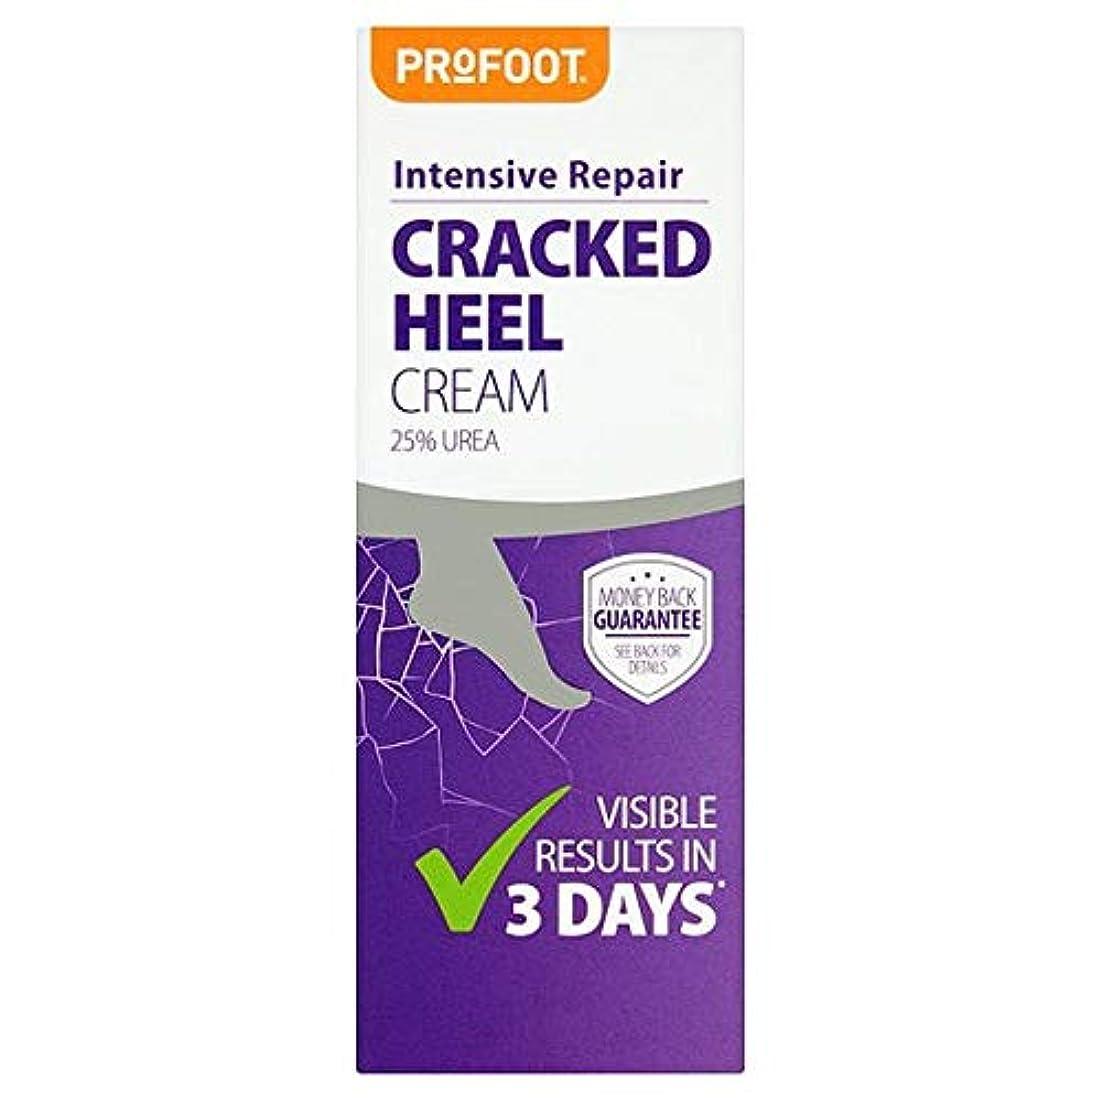 筋気分が良い責[Profoot] Profootひび割れかかとクリーム60ミリリットル - Profoot Cracked Heel Cream 60Ml [並行輸入品]